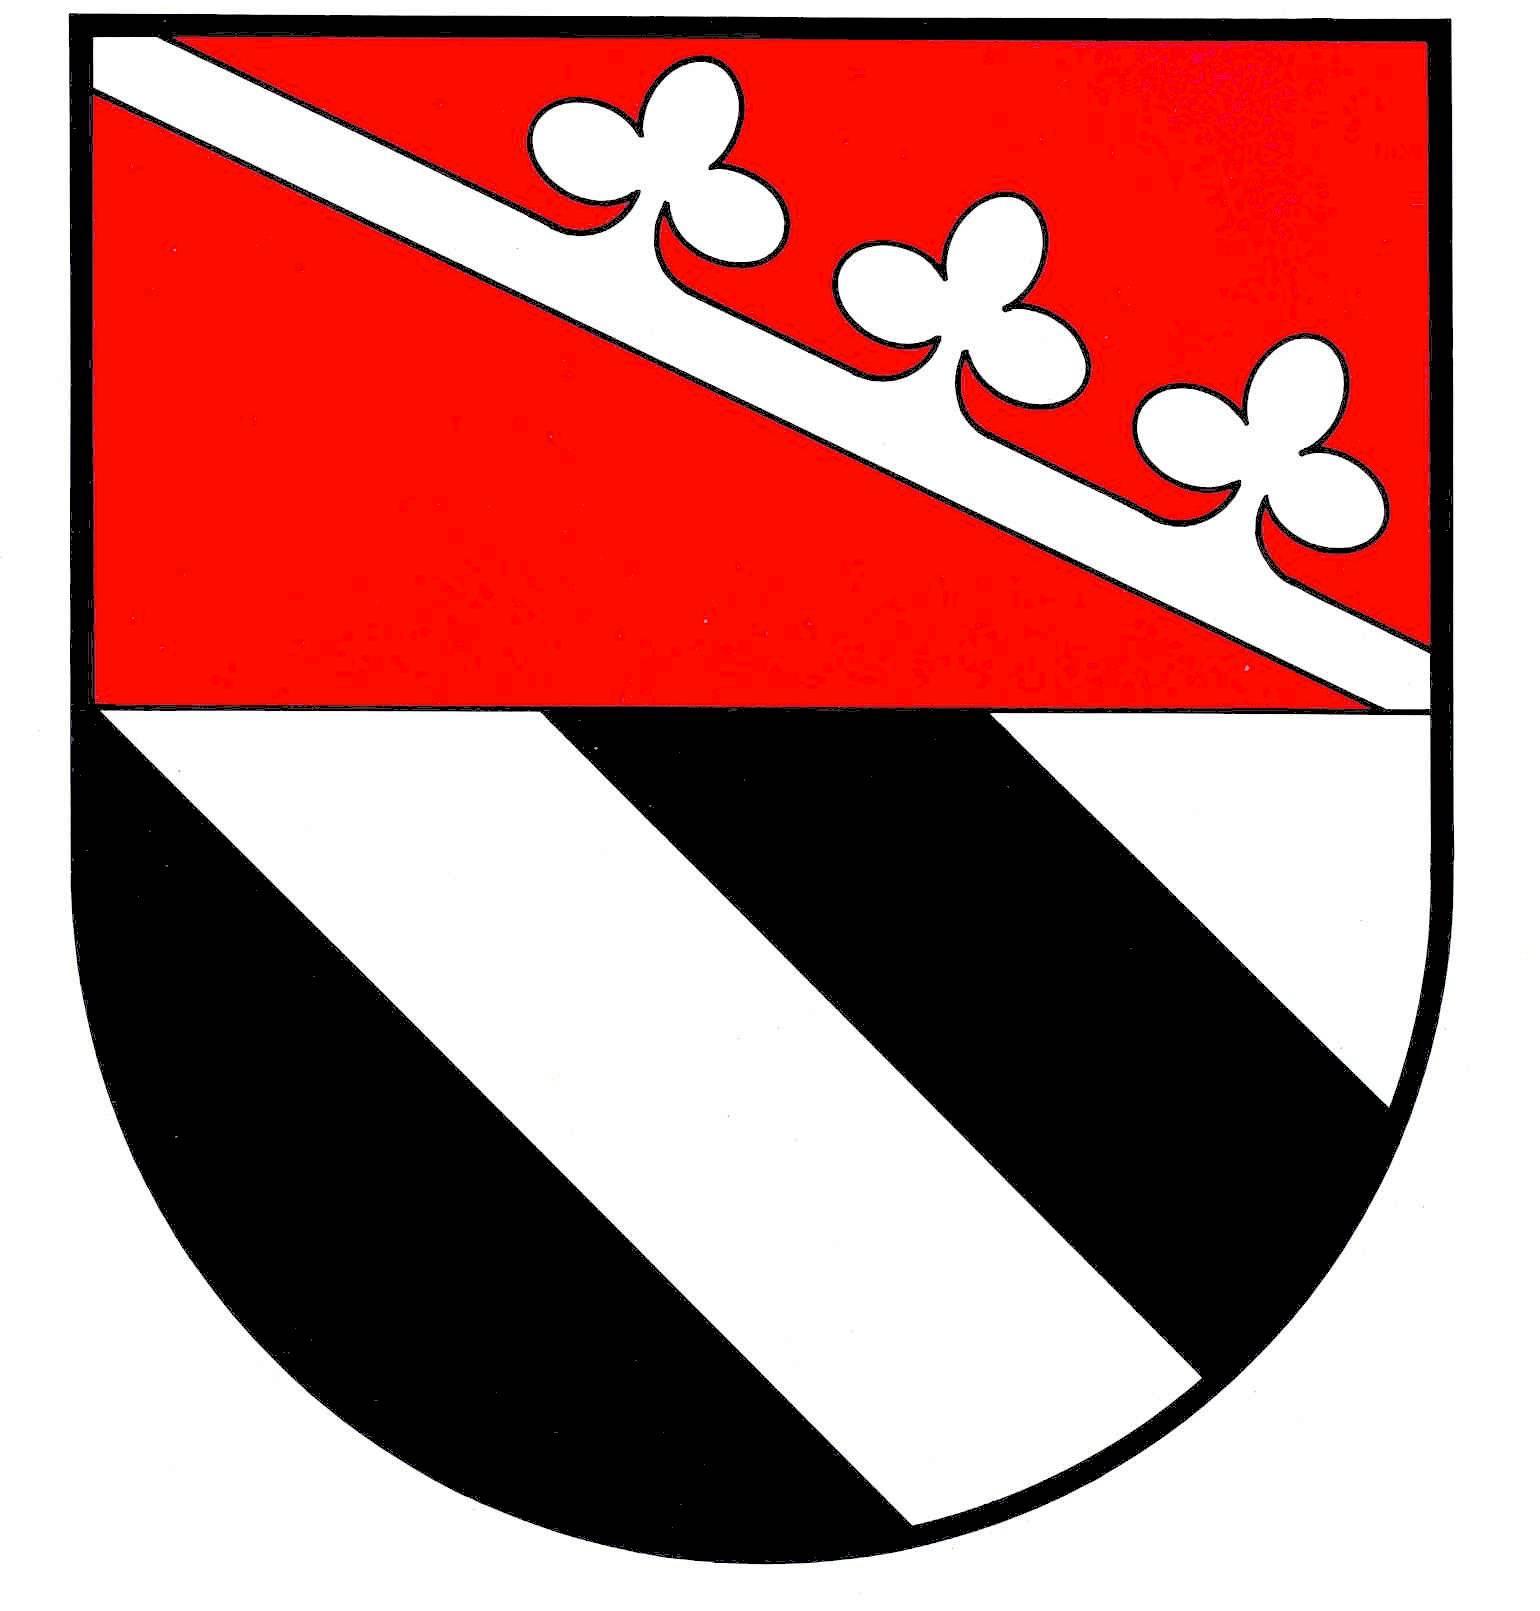 Wappen GemeindeBerkenthin, Kreis Herzogtum Lauenburg